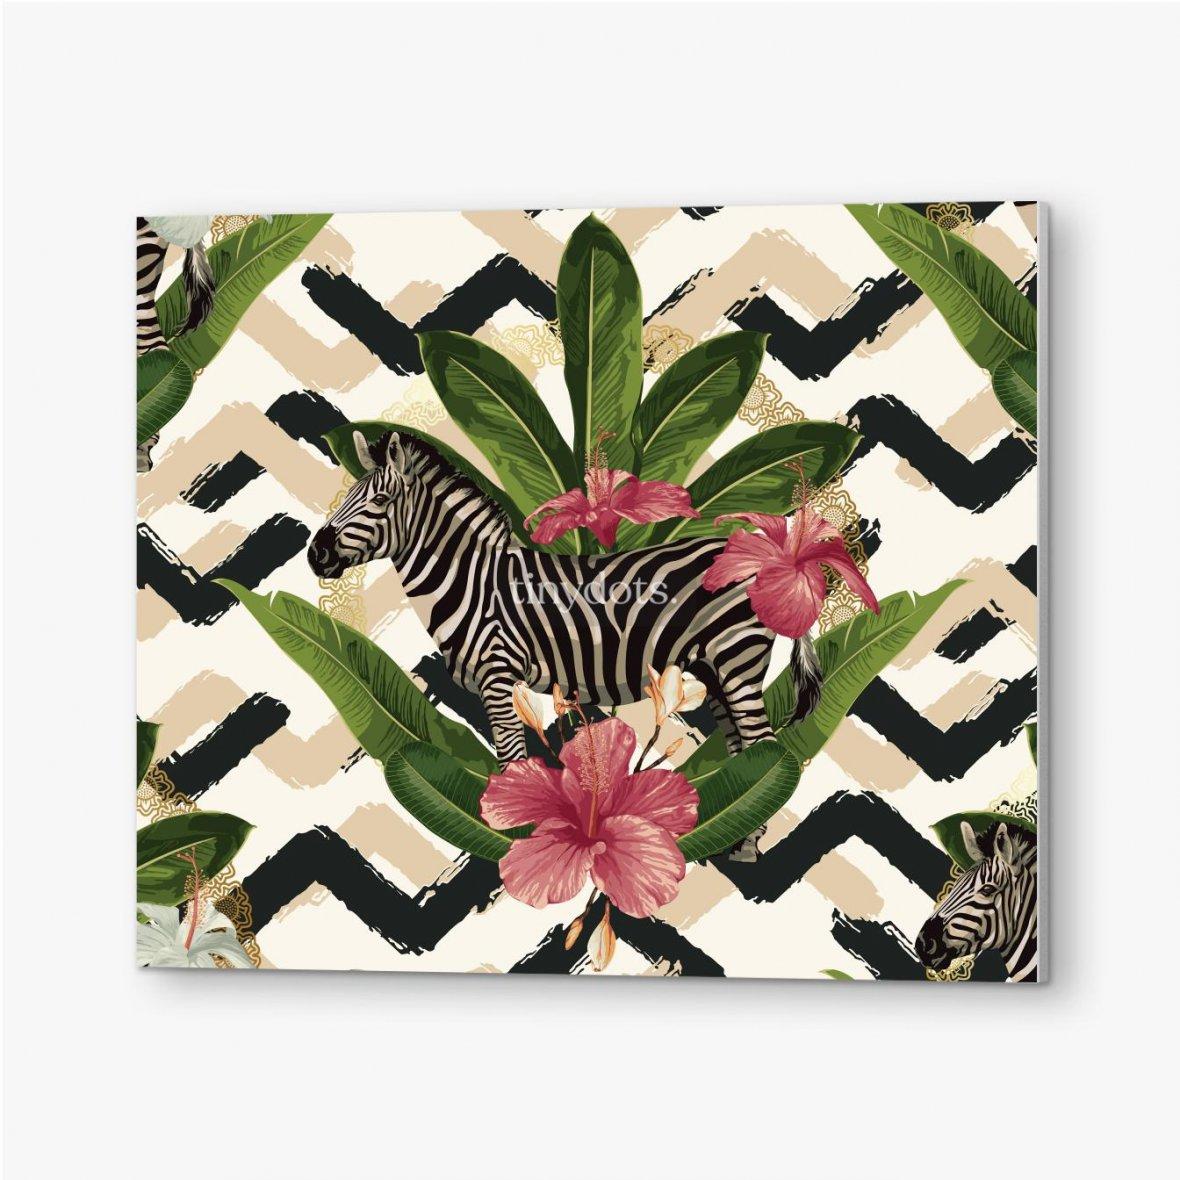 Bilder auf PVC Geometrisches Muster mit Zebra und Blättern